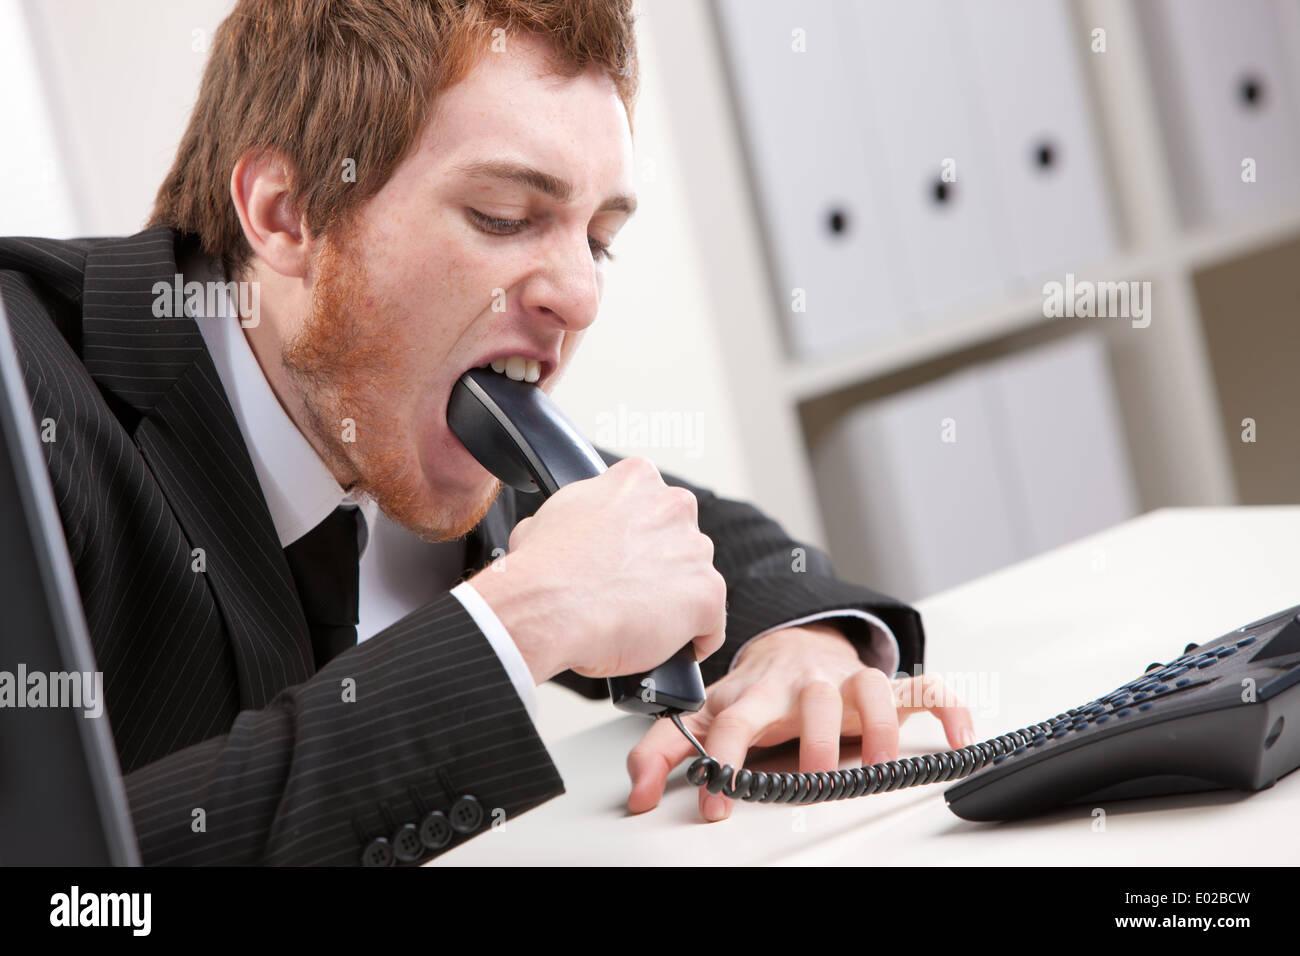 Business Man Suit Office